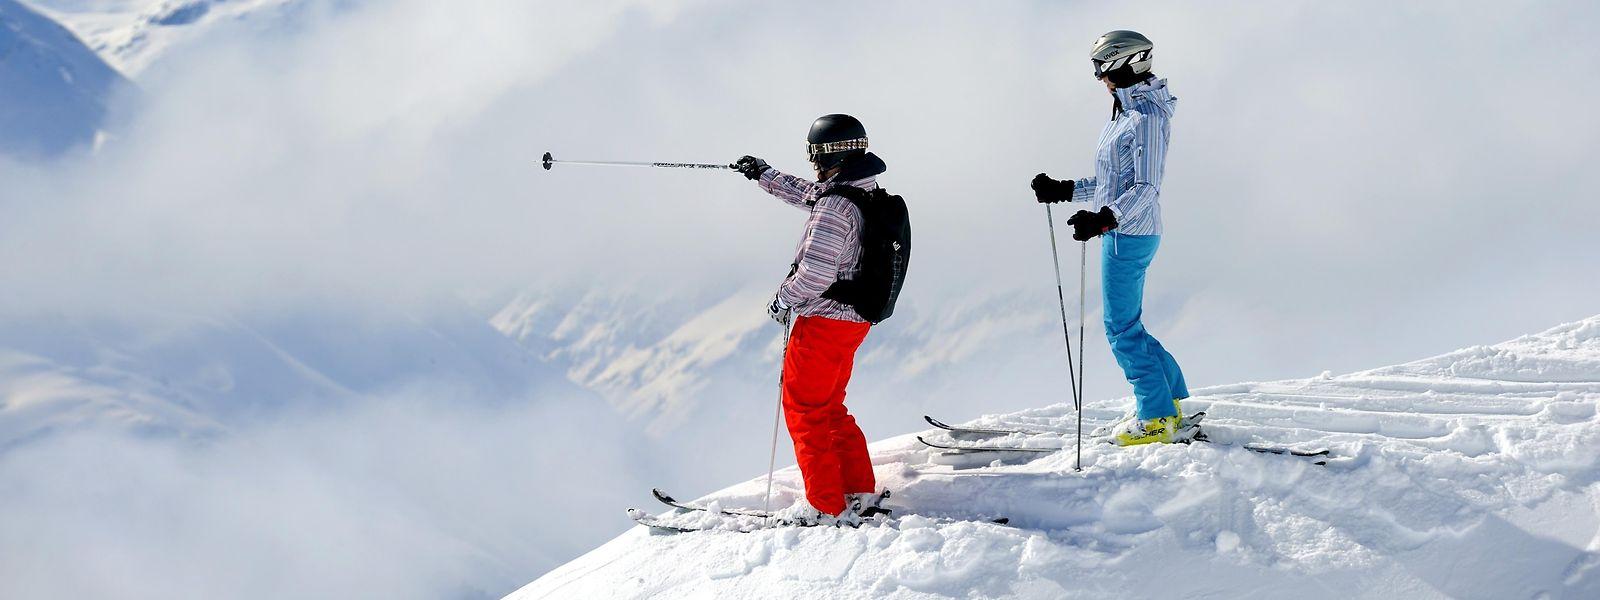 Wer die Weite sucht, wird auf den Gipfeln rund um Sankt Anton fündig.